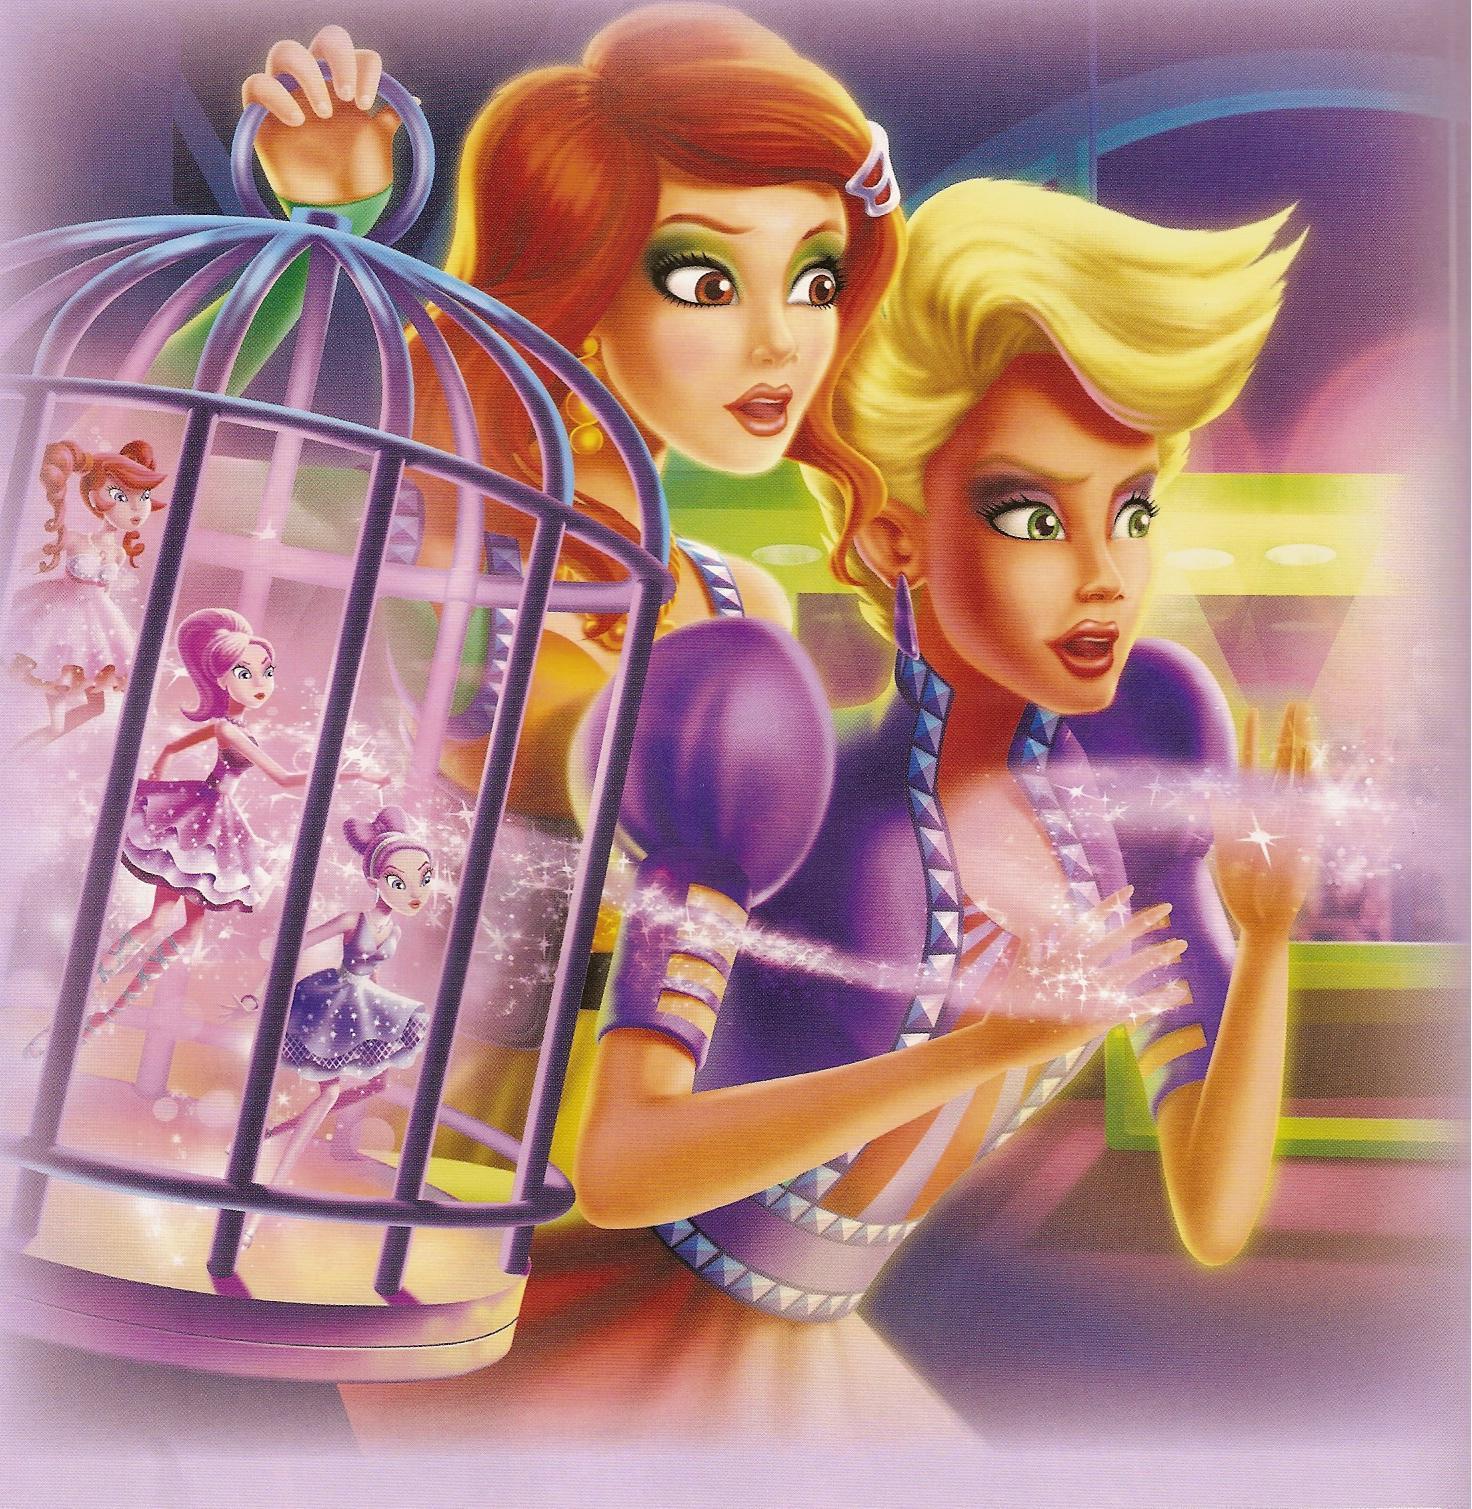 Barbie A Fashion Fairytale Barbie Movies Photo 14674138 Fanpop